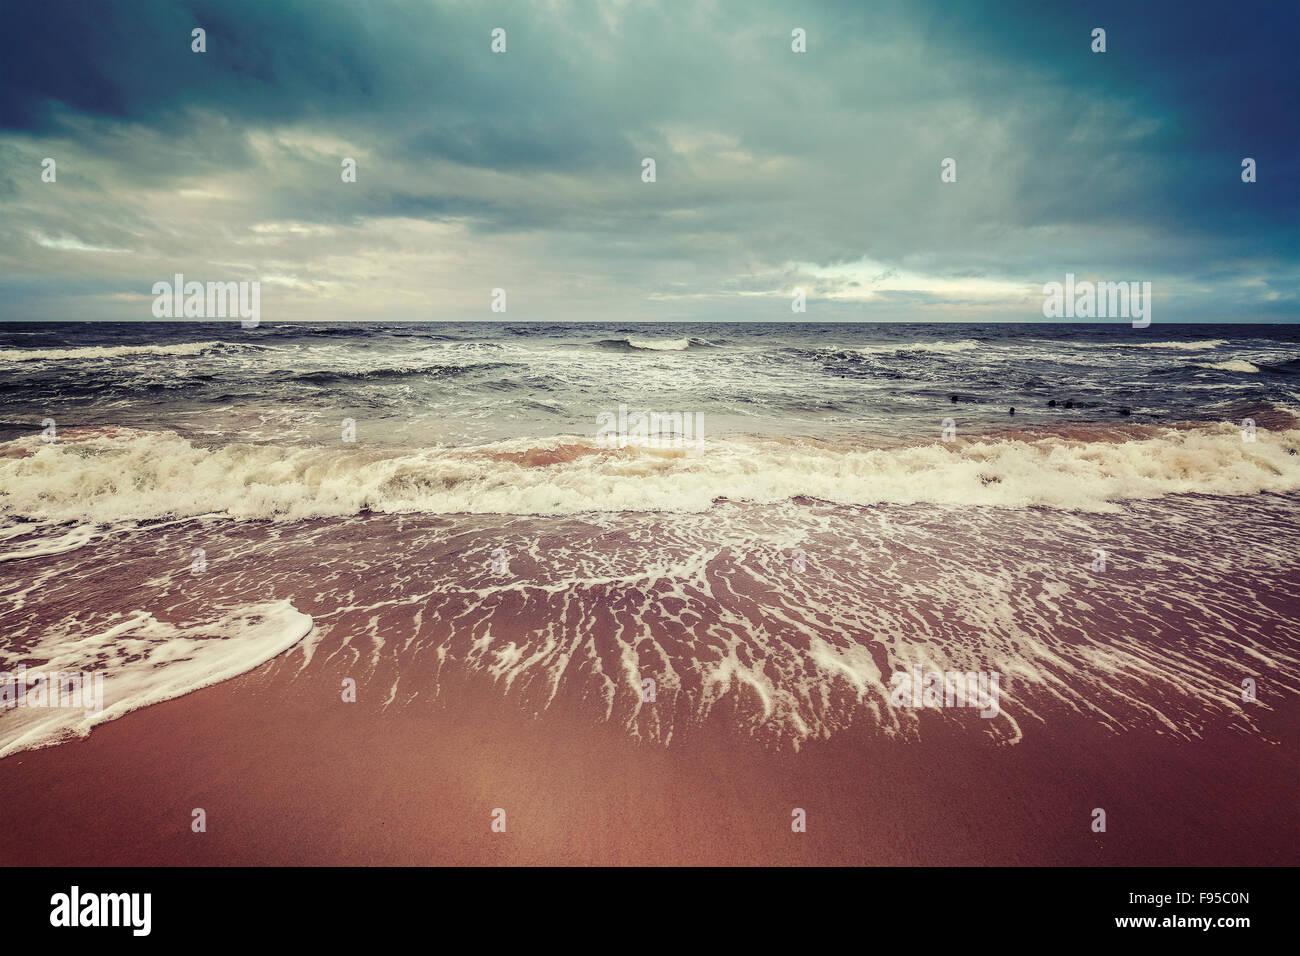 Tons Vintage ciel d'orage sur la mer agitée, le calme avant la tempête. Photo Stock